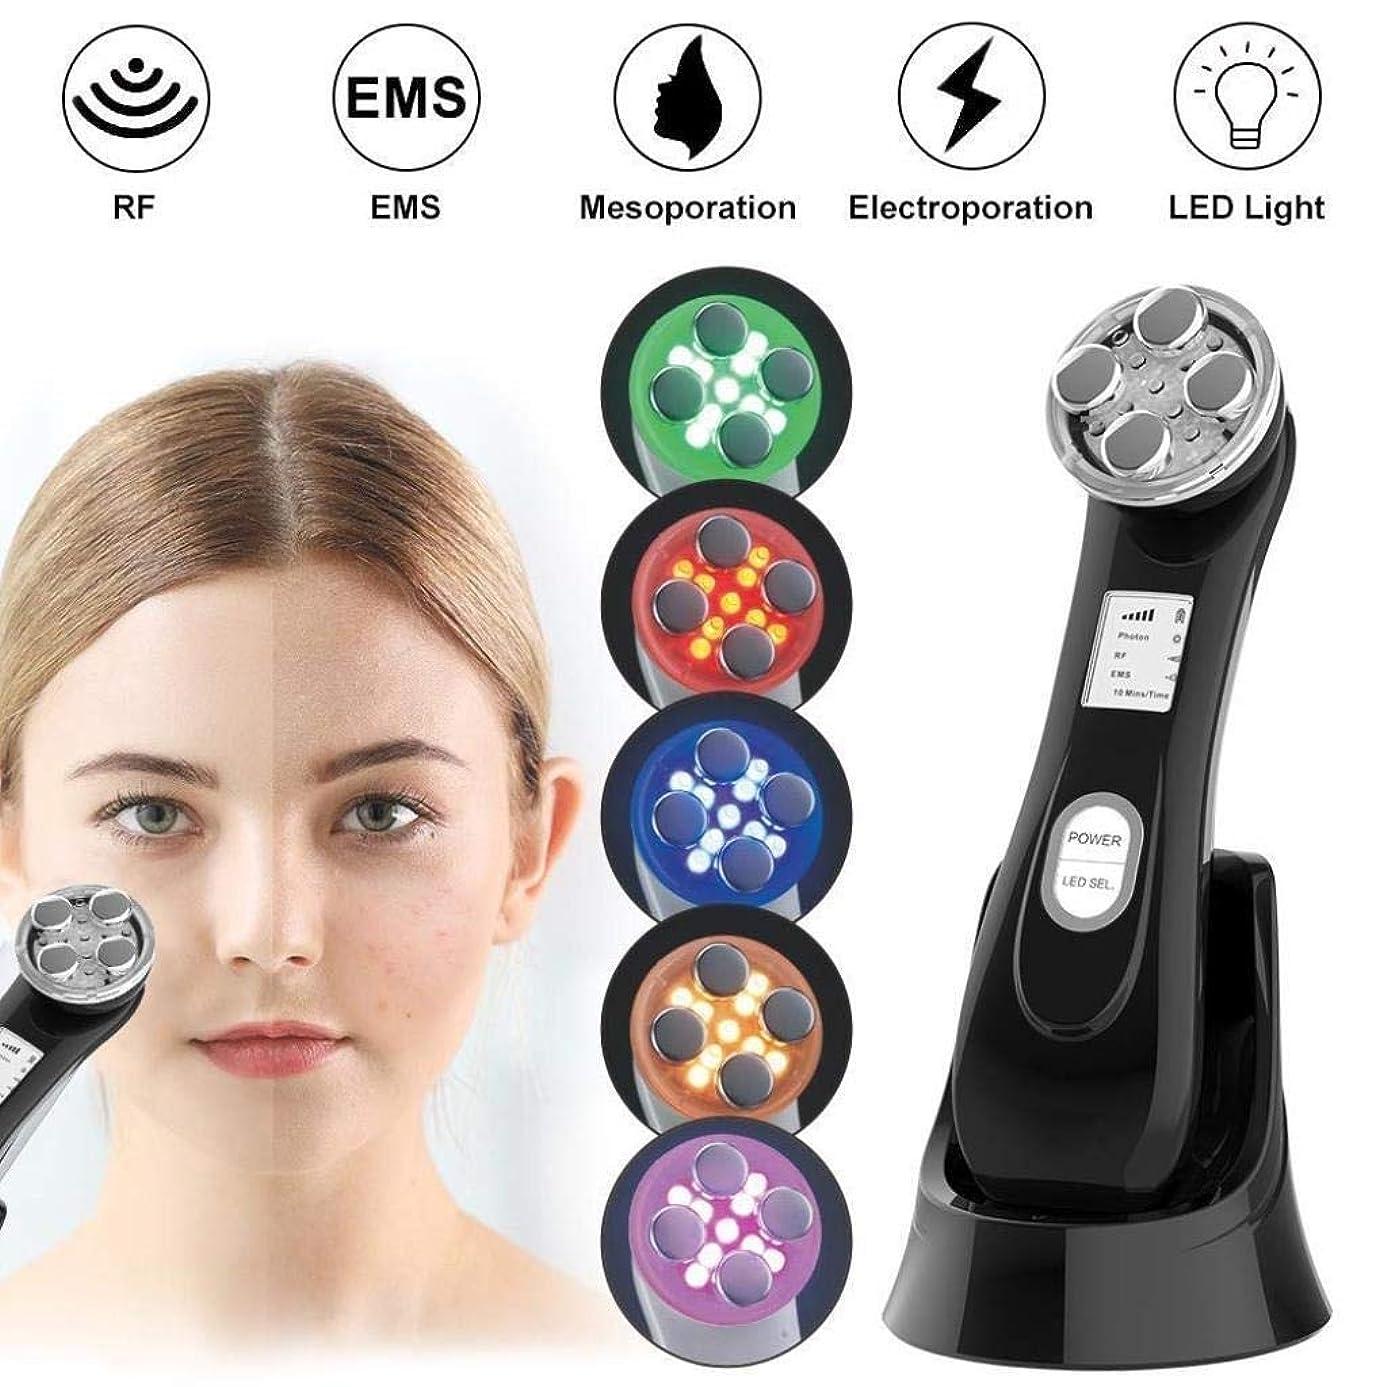 アーティファクト緊張する血しわ除去機6に1 RF美容アンチエイジング反にきび顔の引き締めリフティング美容機高周波USB充電式EMS超音波LED顔の光子顔スキンケア